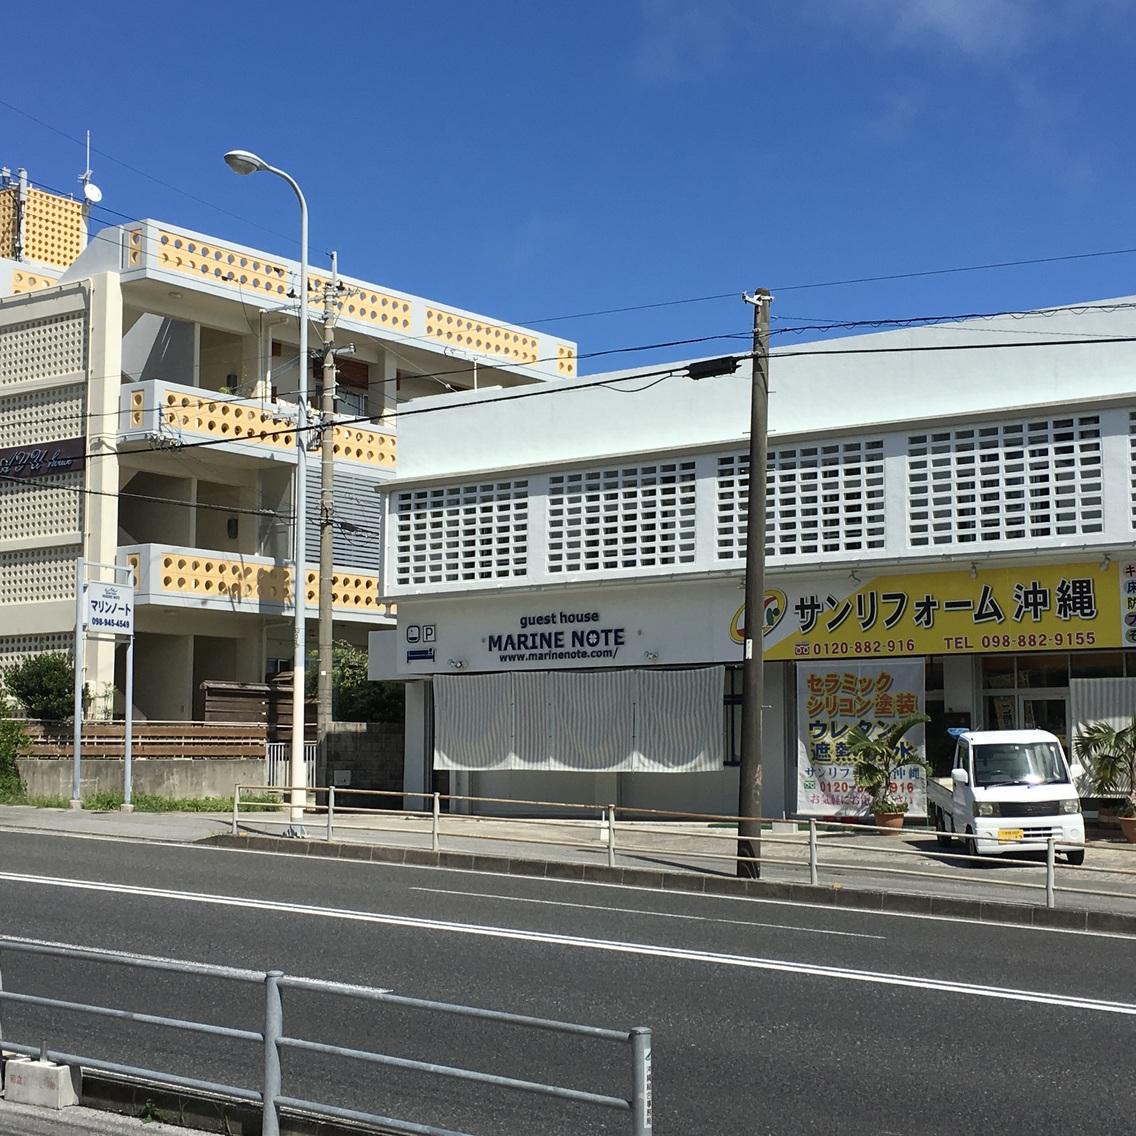 ゲストハウス マリンノート◆楽天トラベル